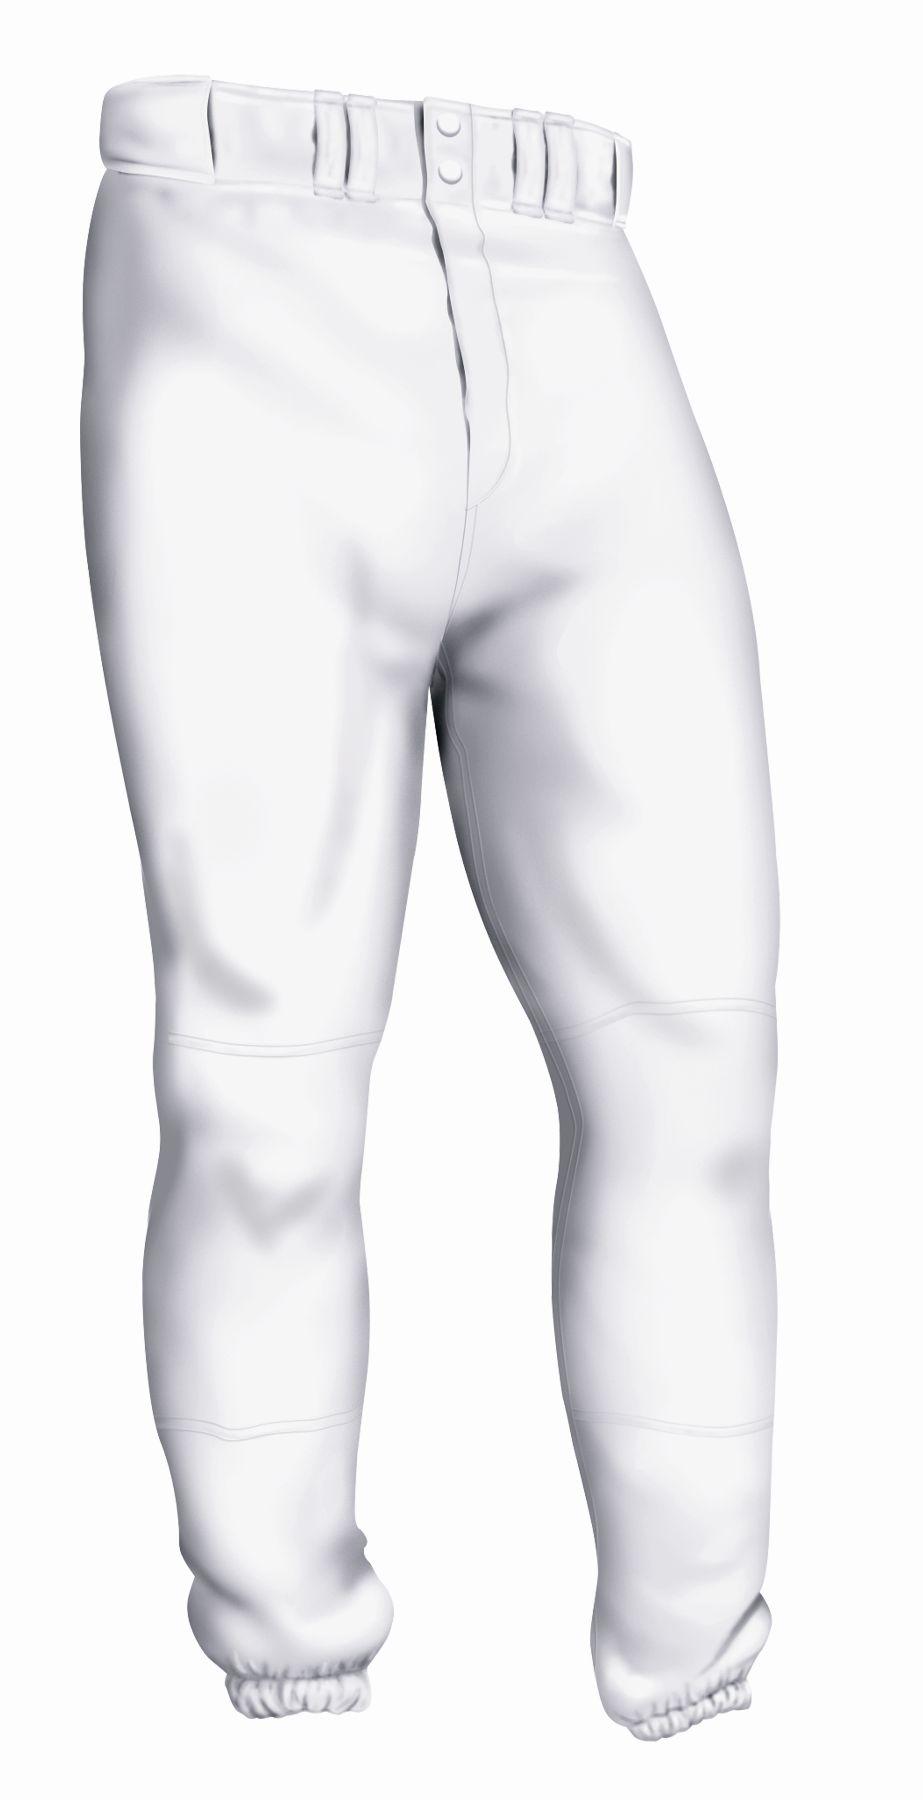 Easton Youth Baseball Pant - White Medium